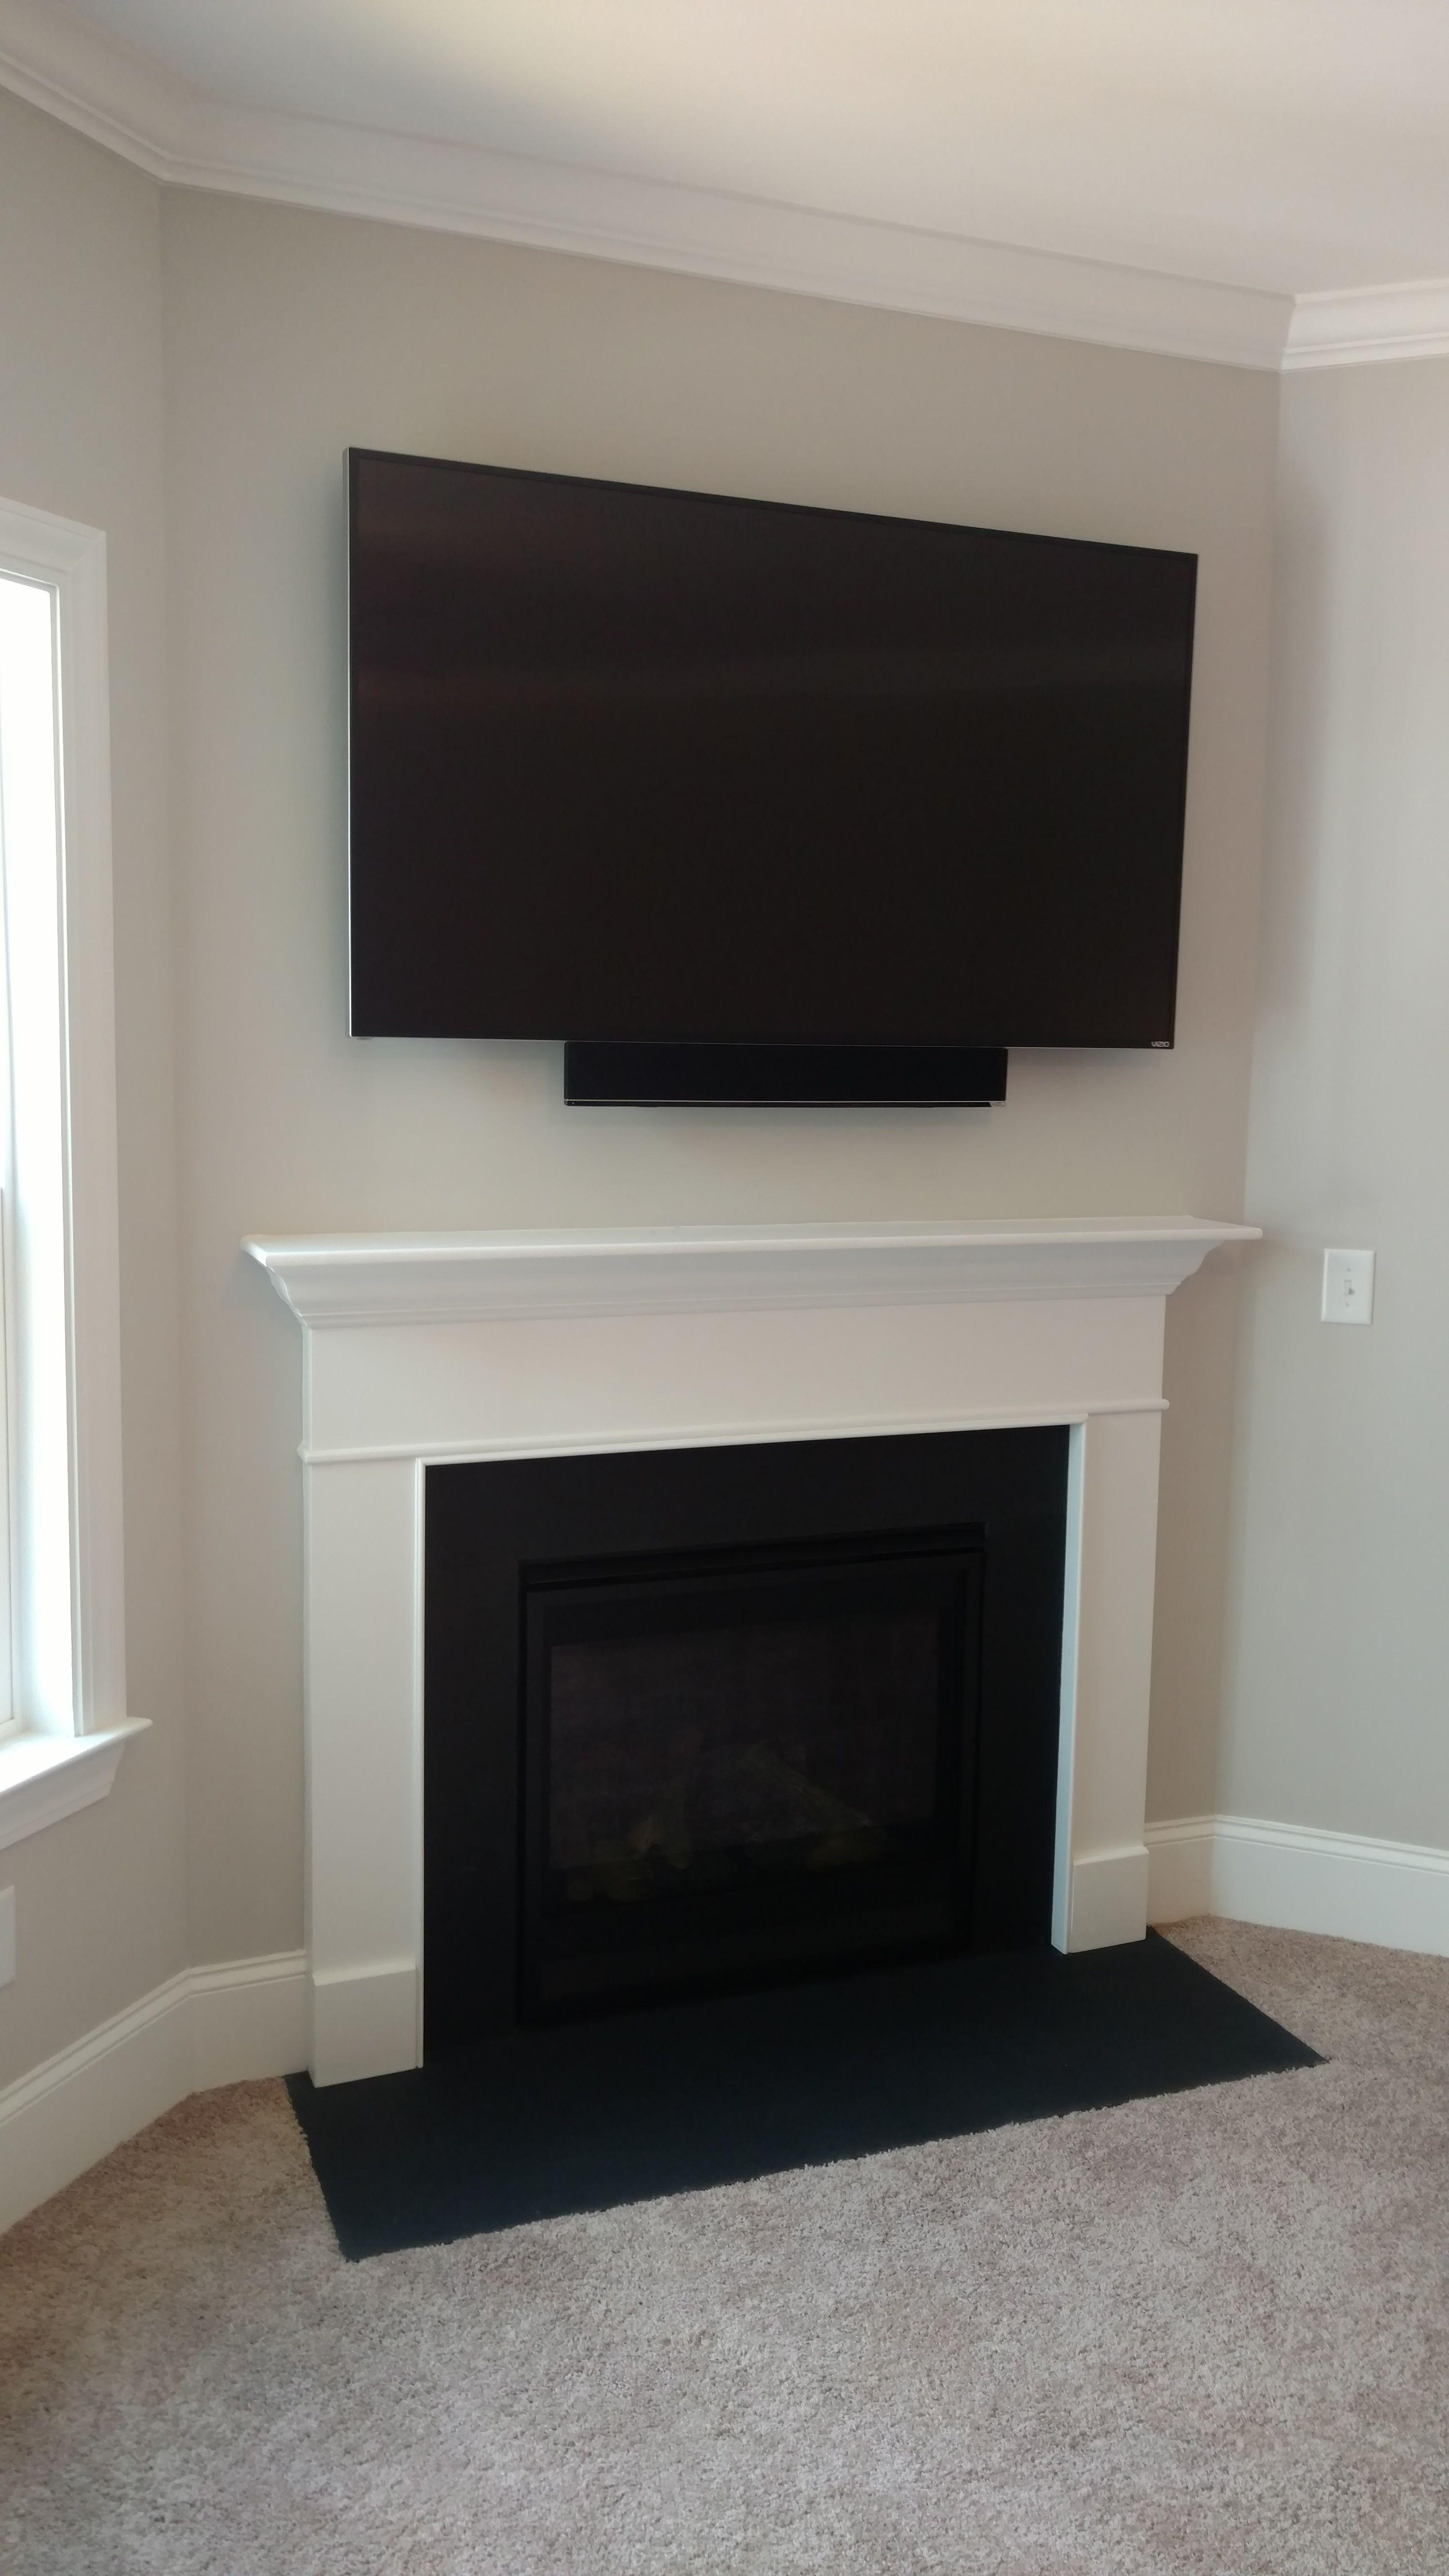 TV Installation in Greenville, SC | Pinterest | Tv installation and ...